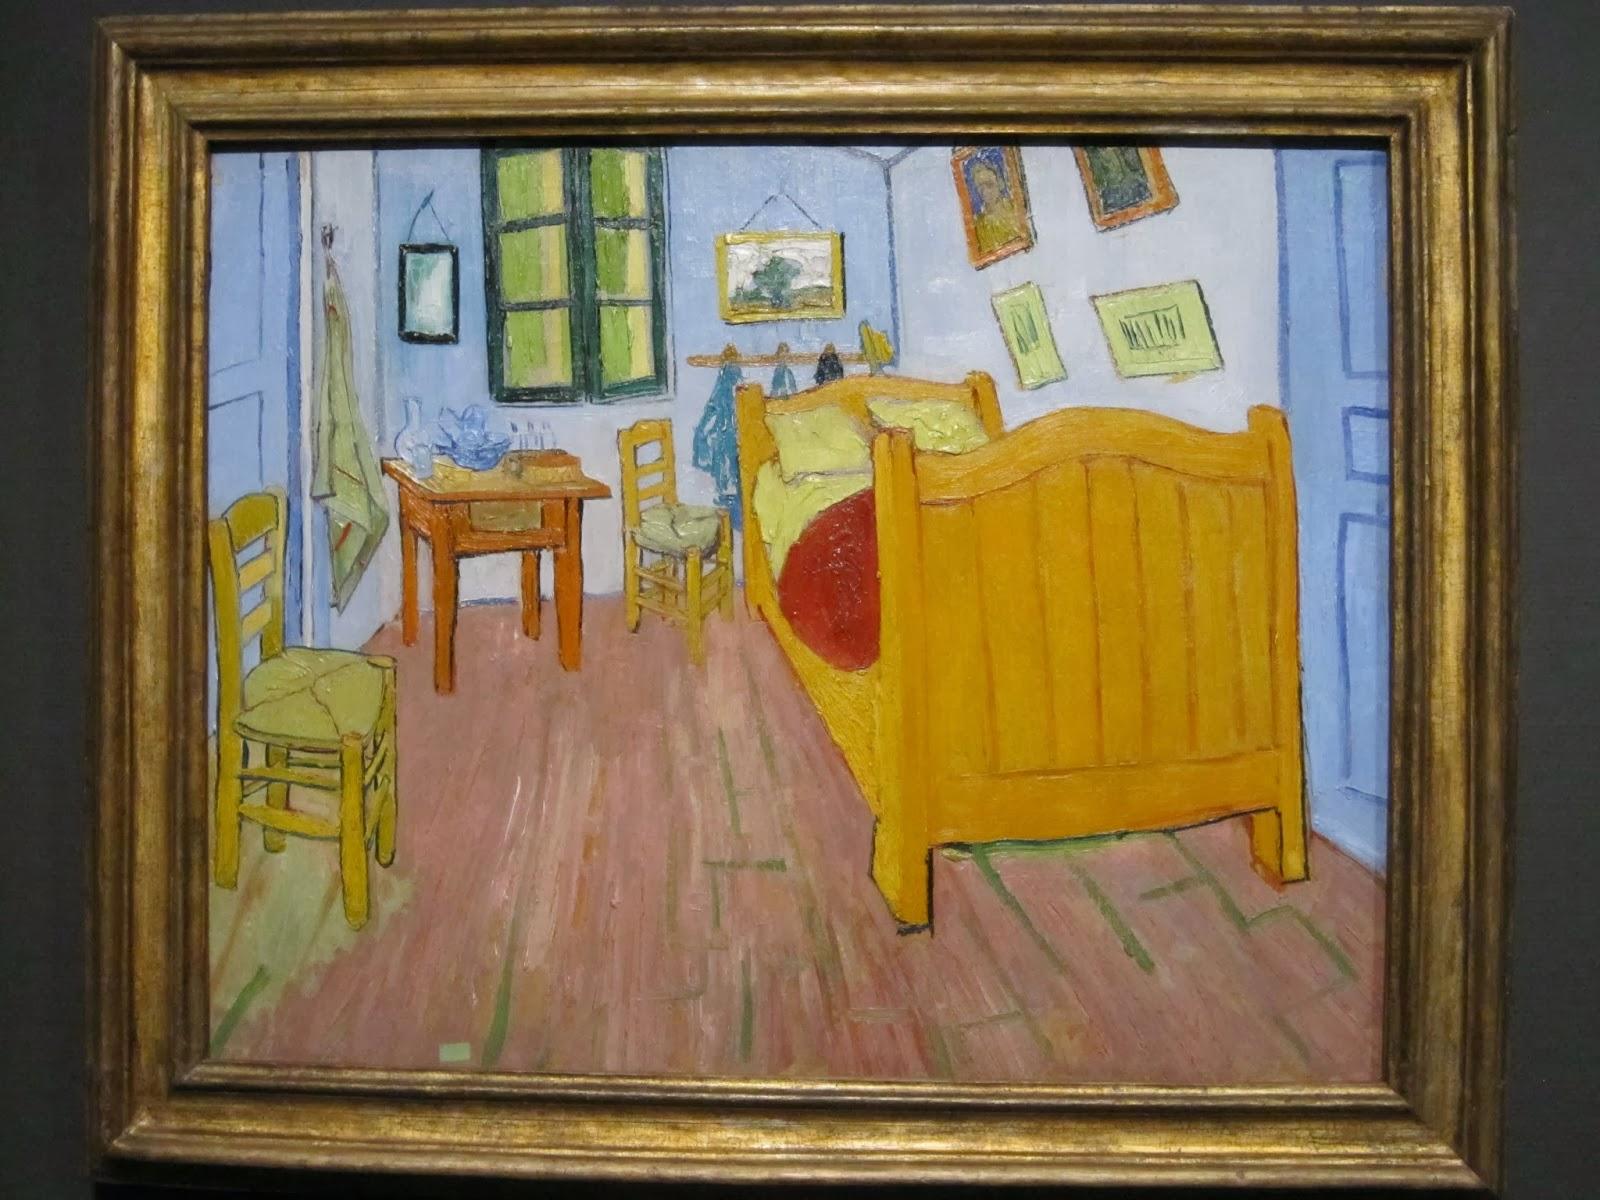 schlafzimmer in arles